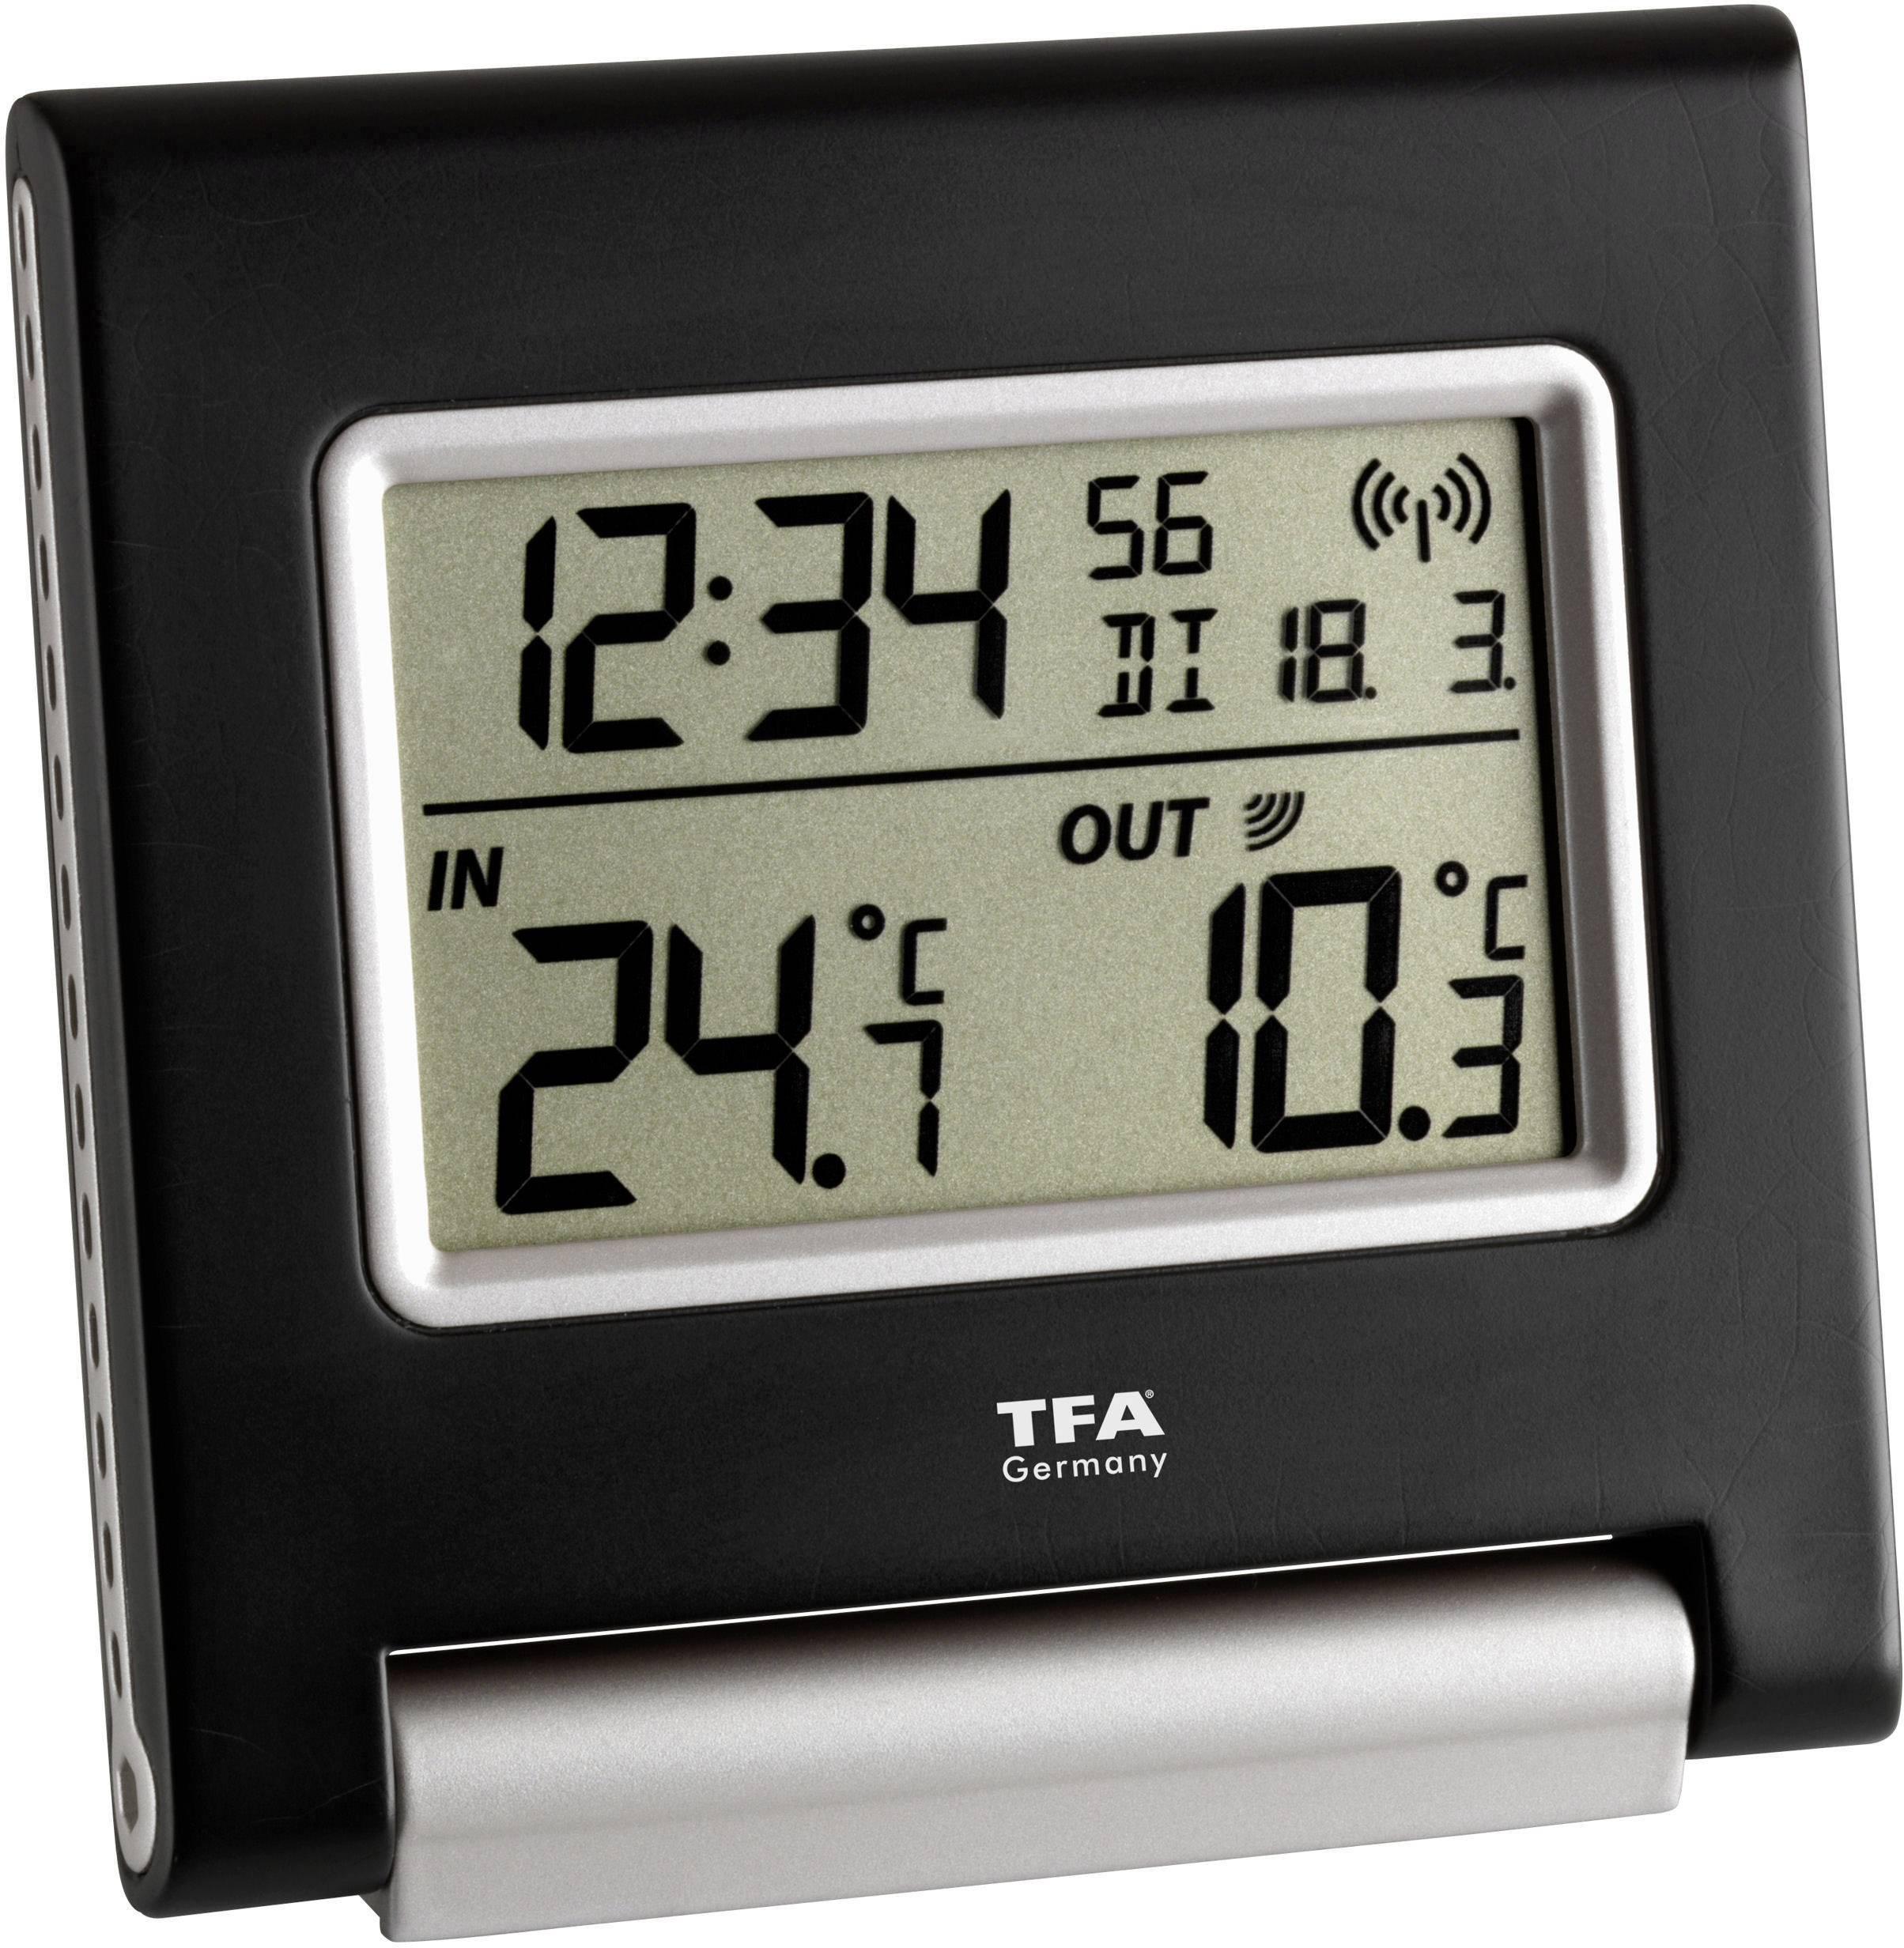 Strålande TFA Spot Trådlös termometer Svart   Conrad.se QG-49